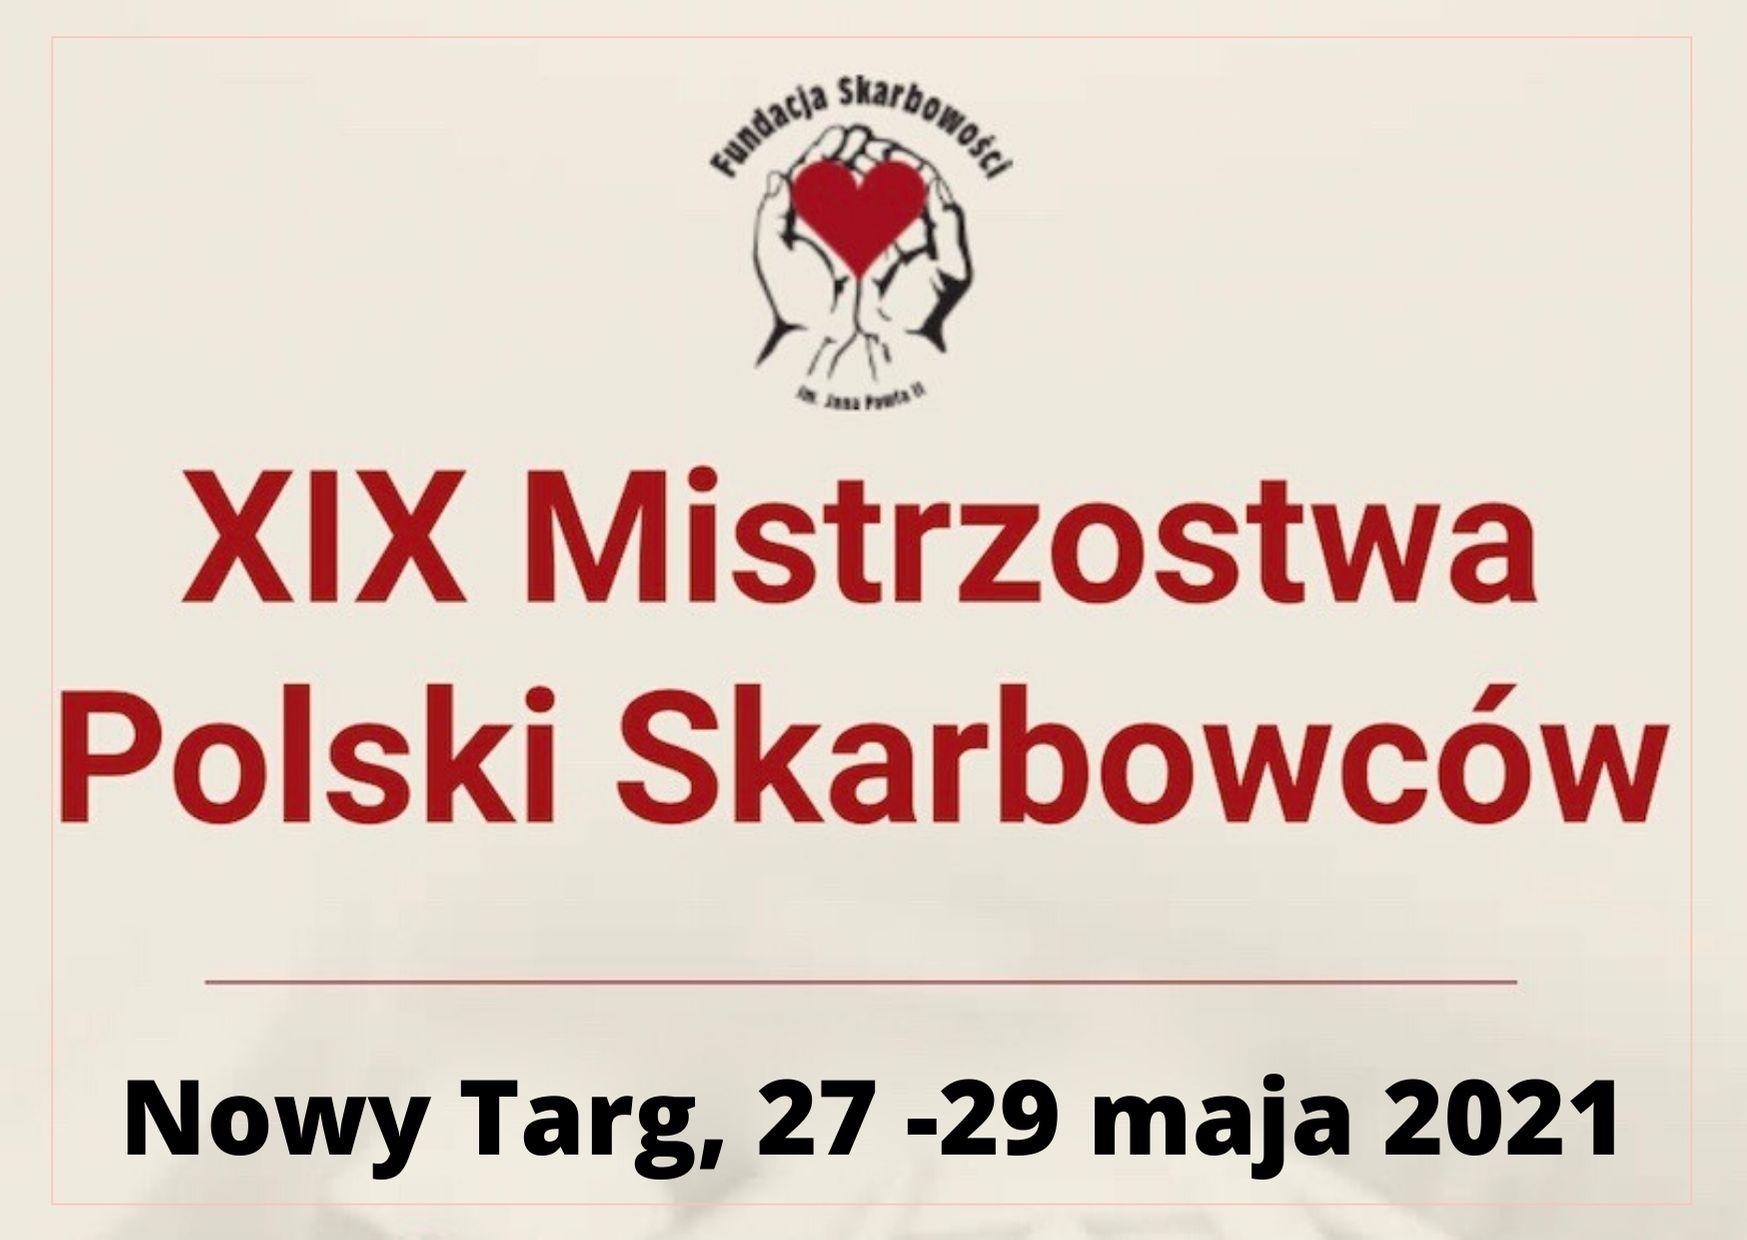 XIX Mistrzostwa Polski Skarbowców przeniesione na 27.05.2021 -29.05.2021/Nowy Targ